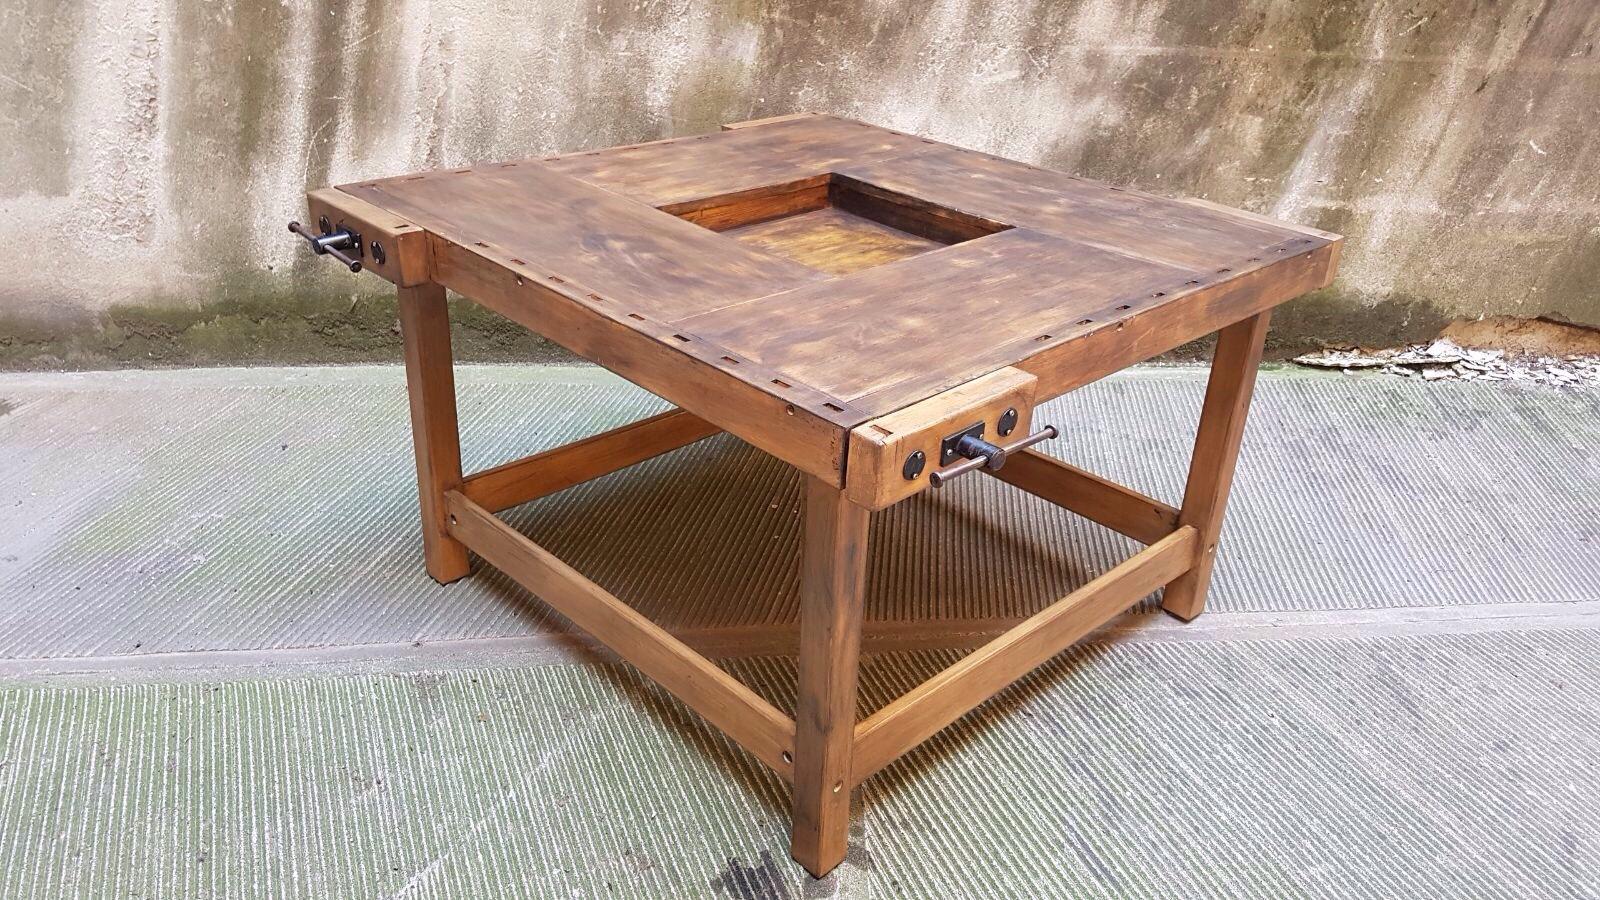 Banco Di Lavoro Falegname : Tavolo banco da falegname neoretrò